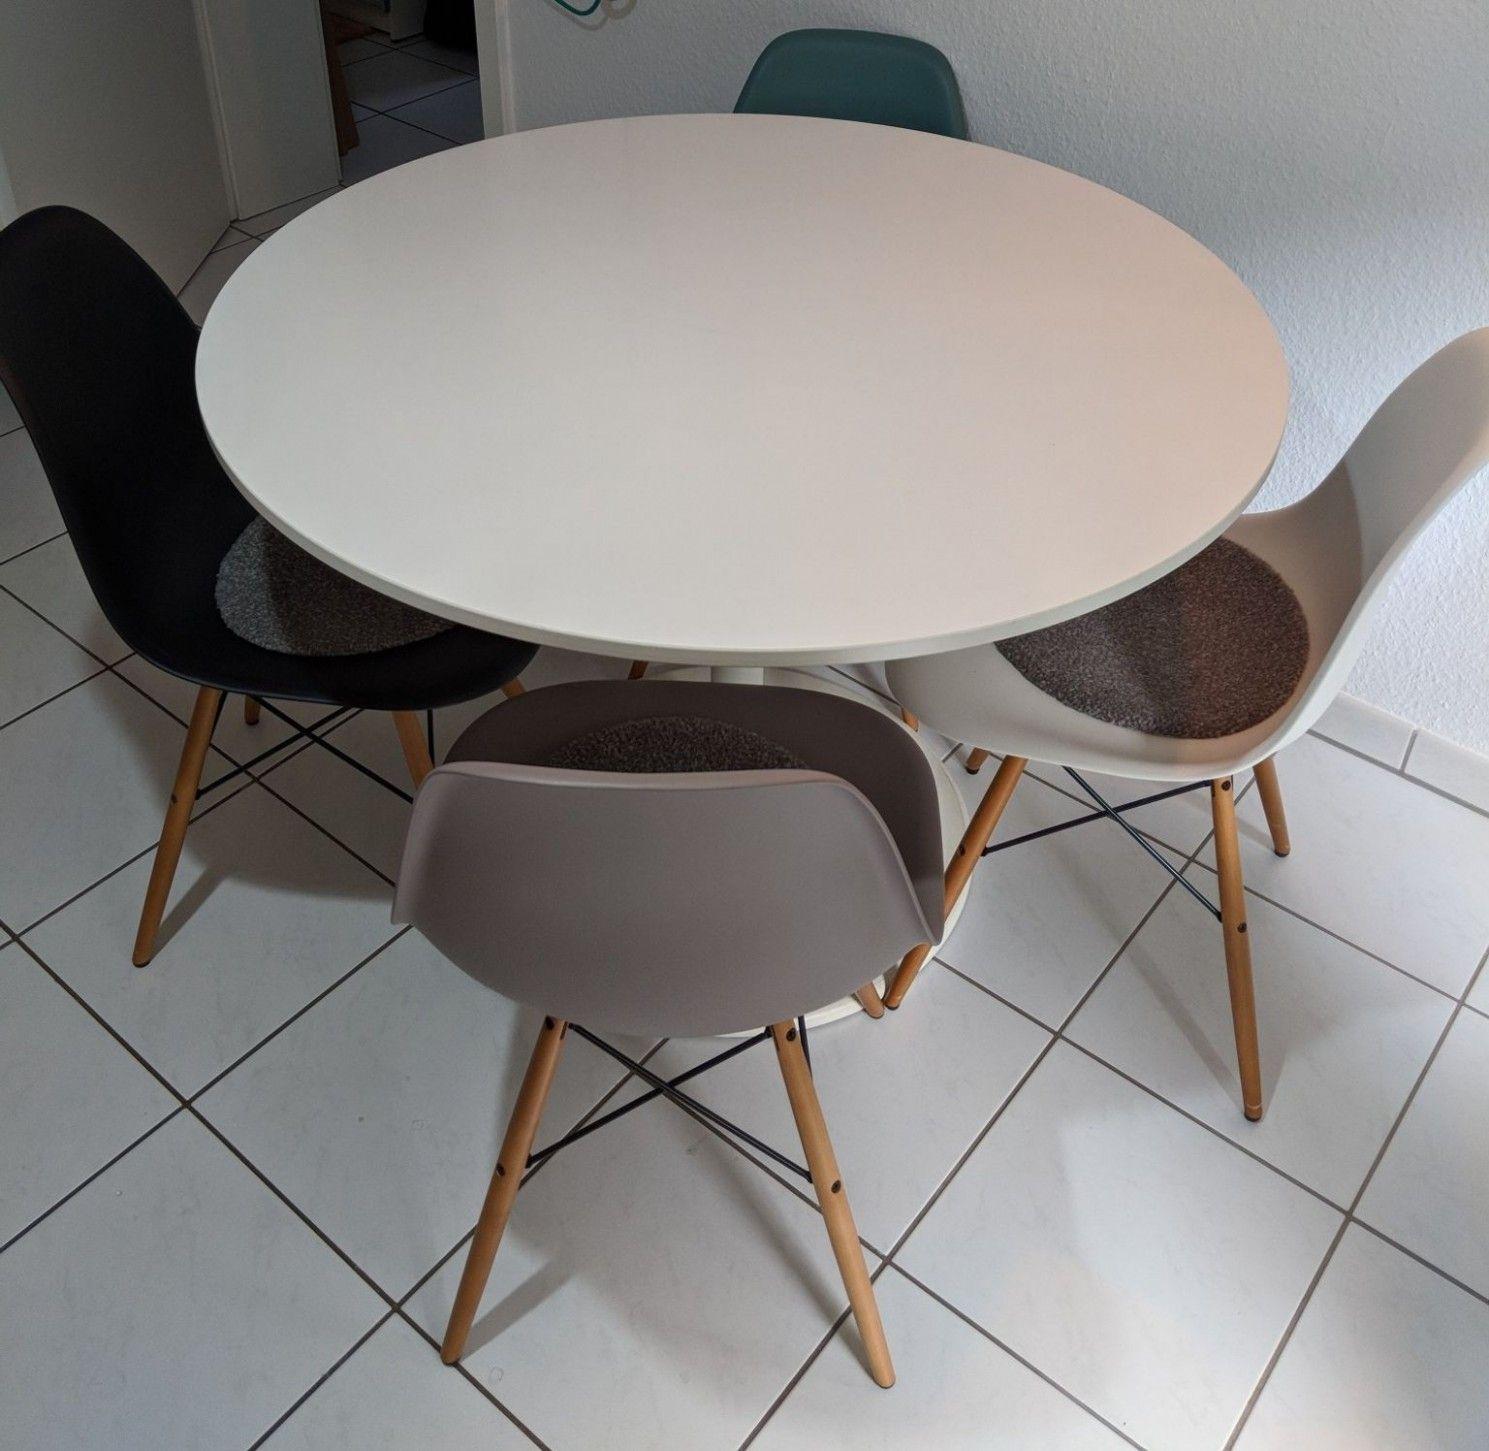 Hier Ist Der Grund Warum Sie An Runder Esstisch Ikea Teilnehmen Sollten In 2020 Runder Esstisch Ikea Esstisch Runder Couchtisch Ikea